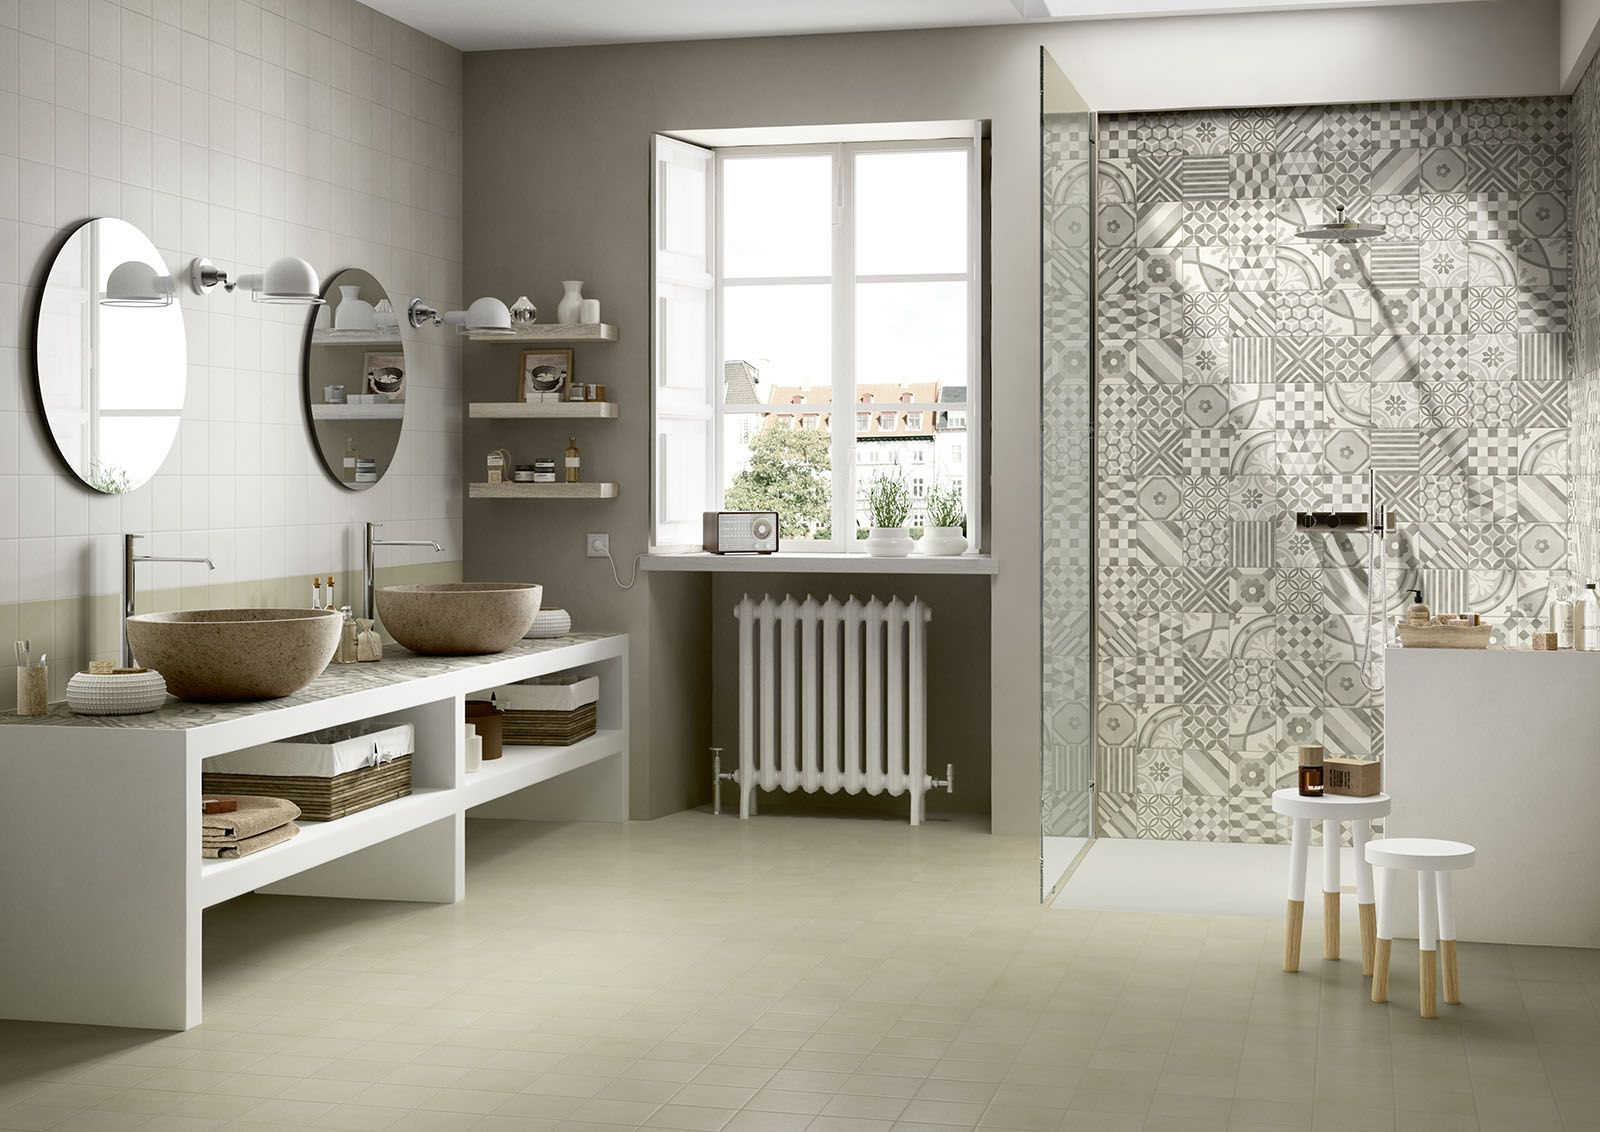 Block - Gres porcellanato per pavimenti e rivestimenti | Marazzi ...